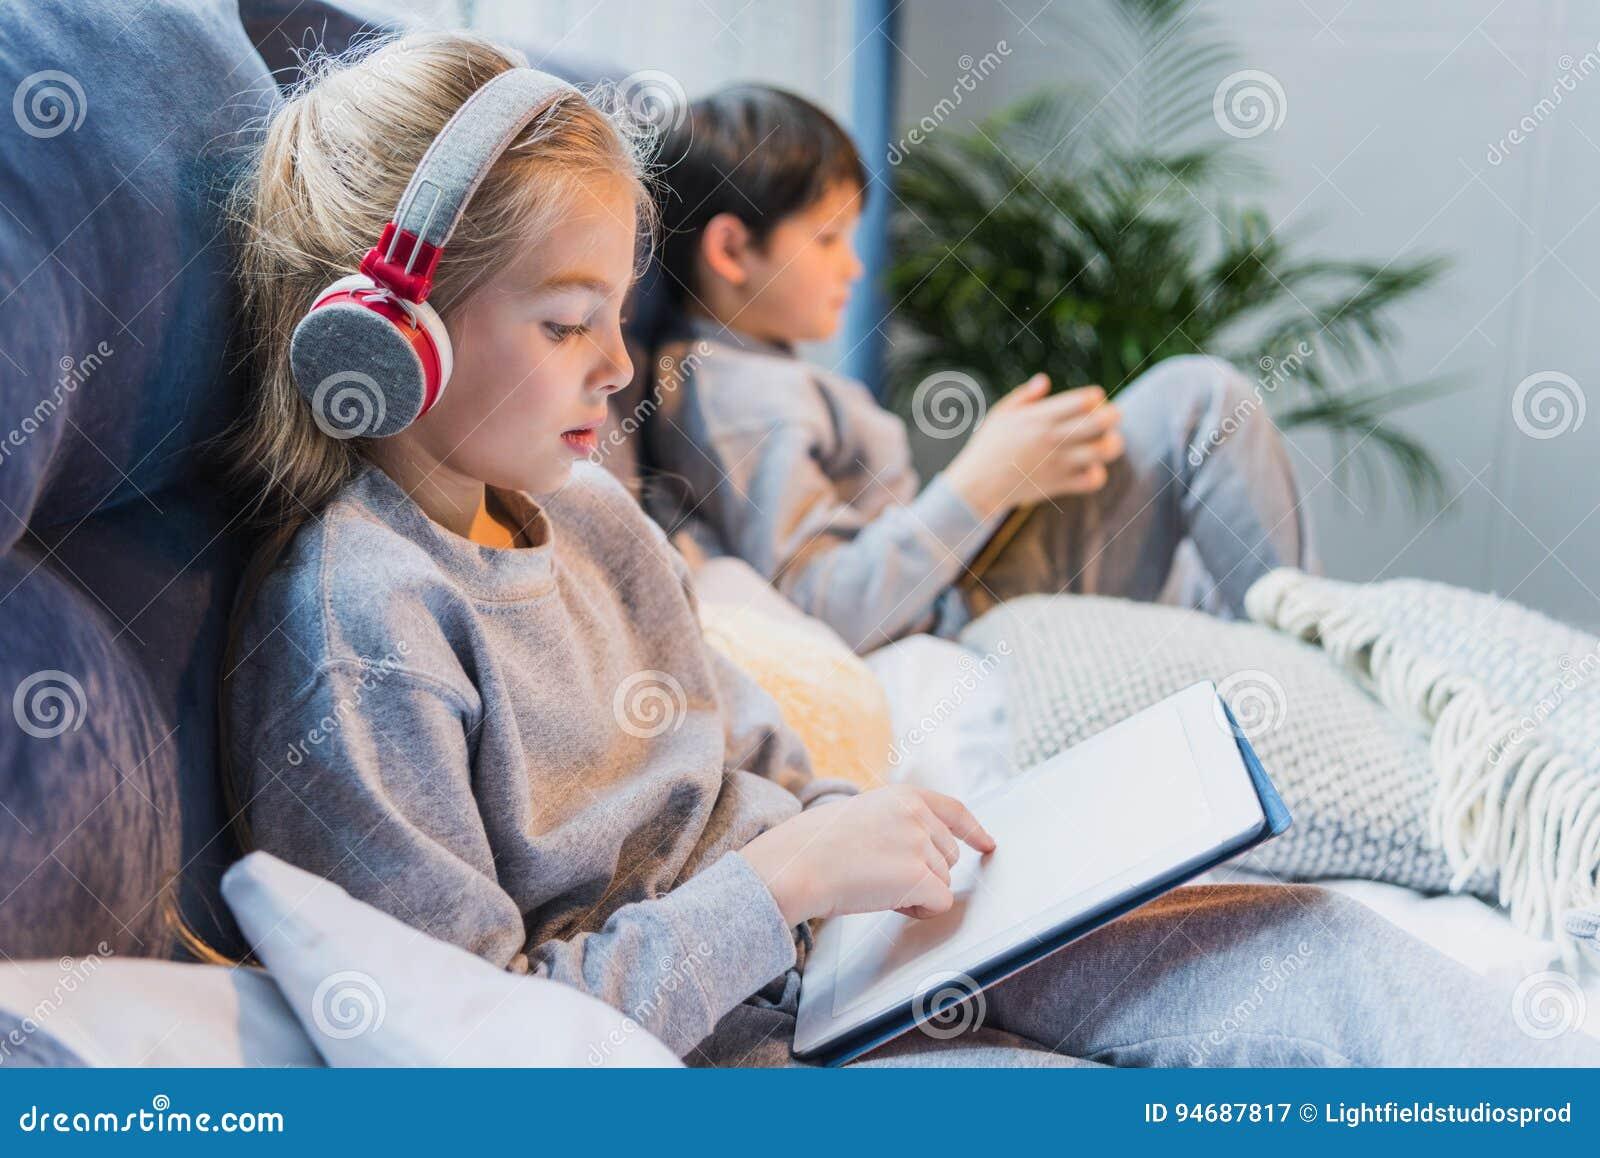 Fokuserad flicka i hörlurar och pysen som använder digitala minnestavlor